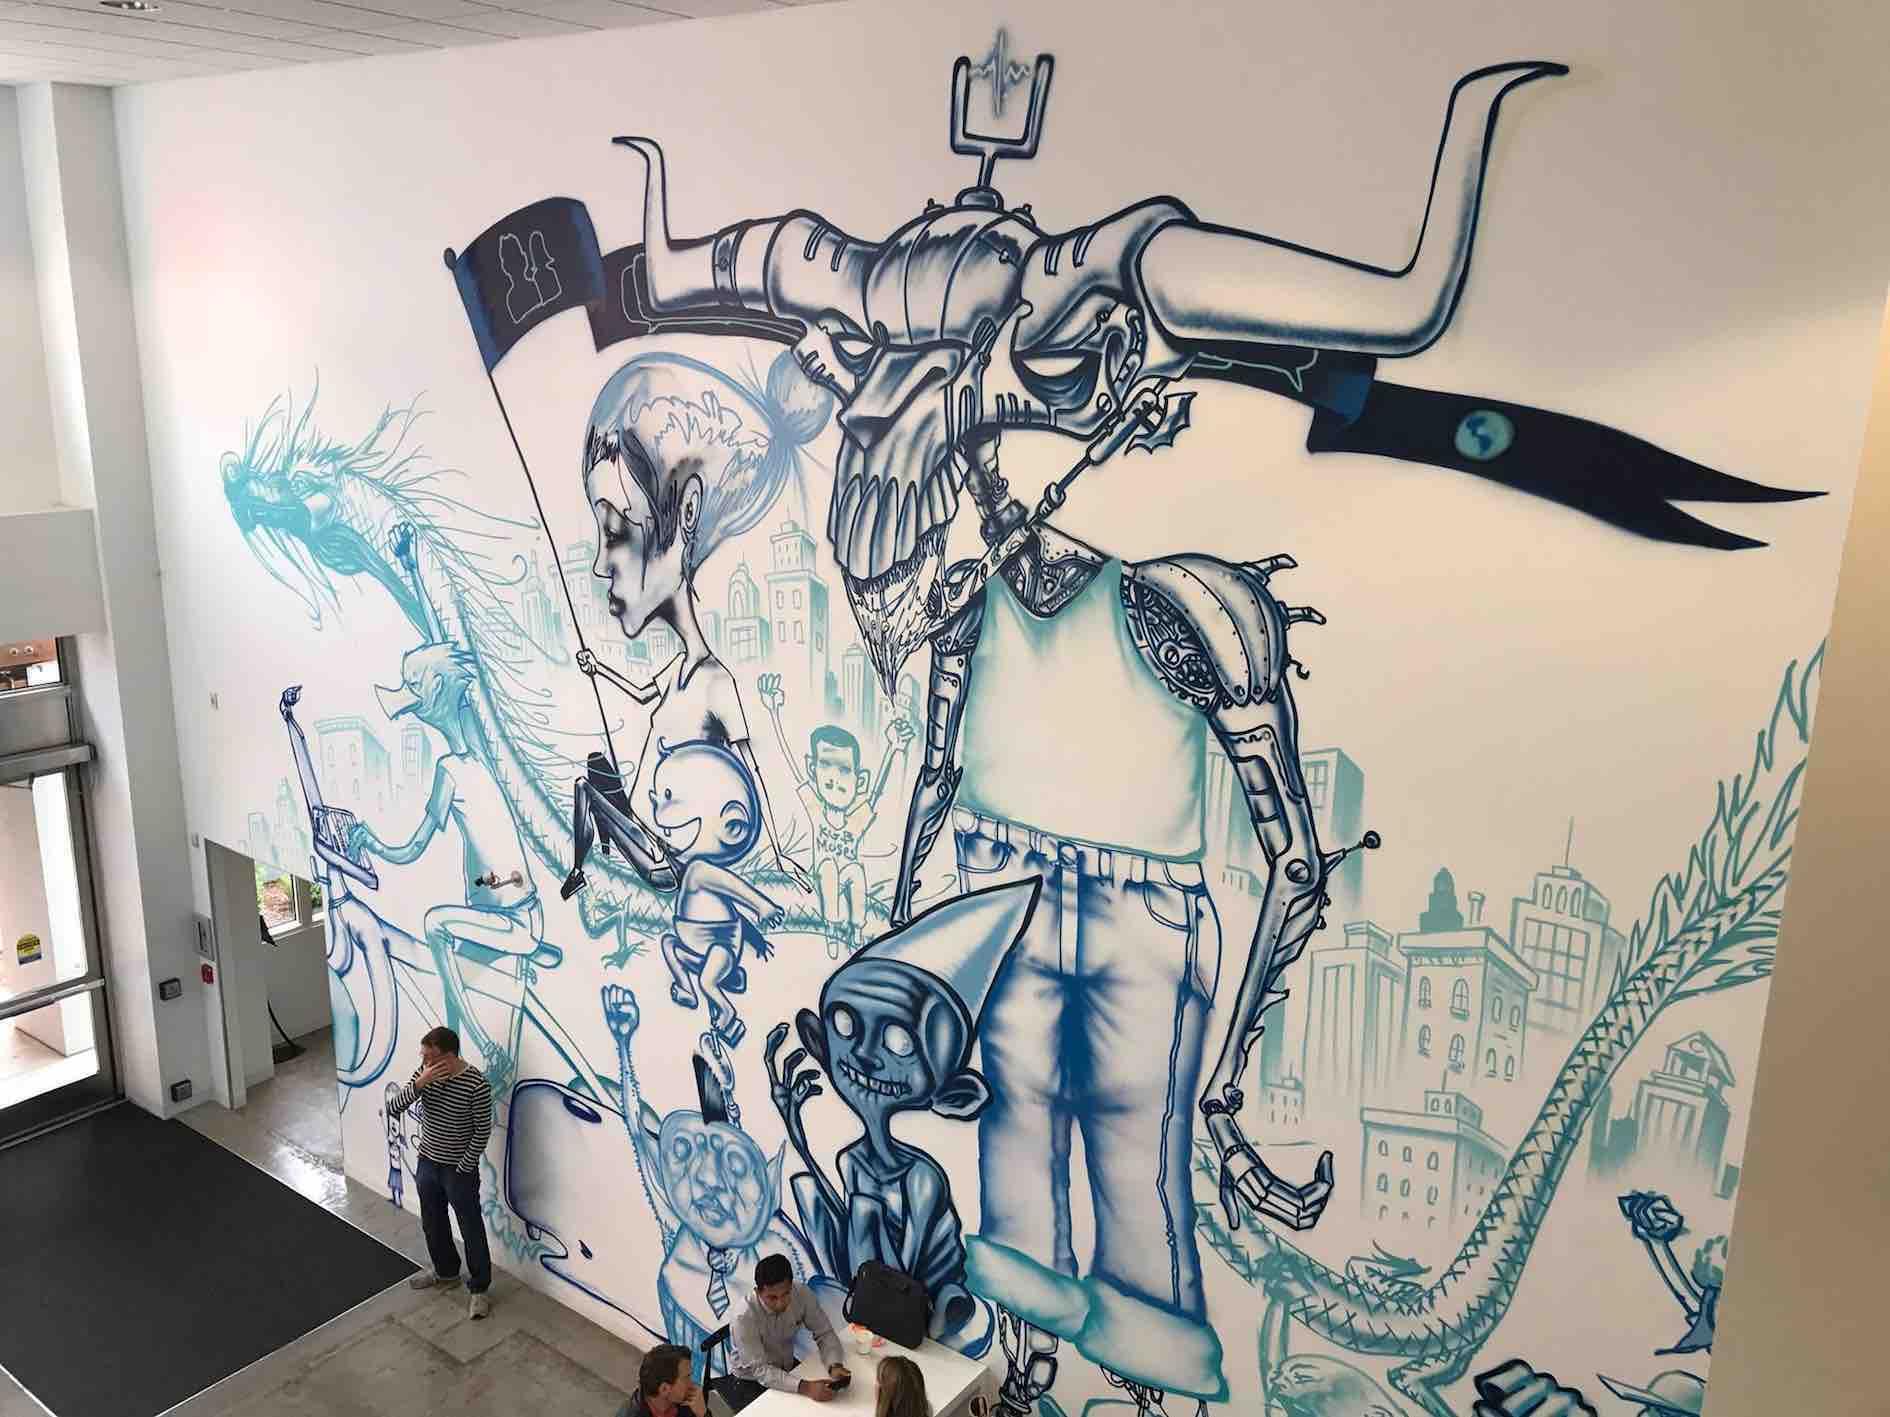 Ambiente interno di Facebook è molto personalizzato e street style, pieno di graffiti, alcuni dei quali hanno richiesto anche un paio di mesi di lavoro, come questo in foto, pagato in stock anziché contanti